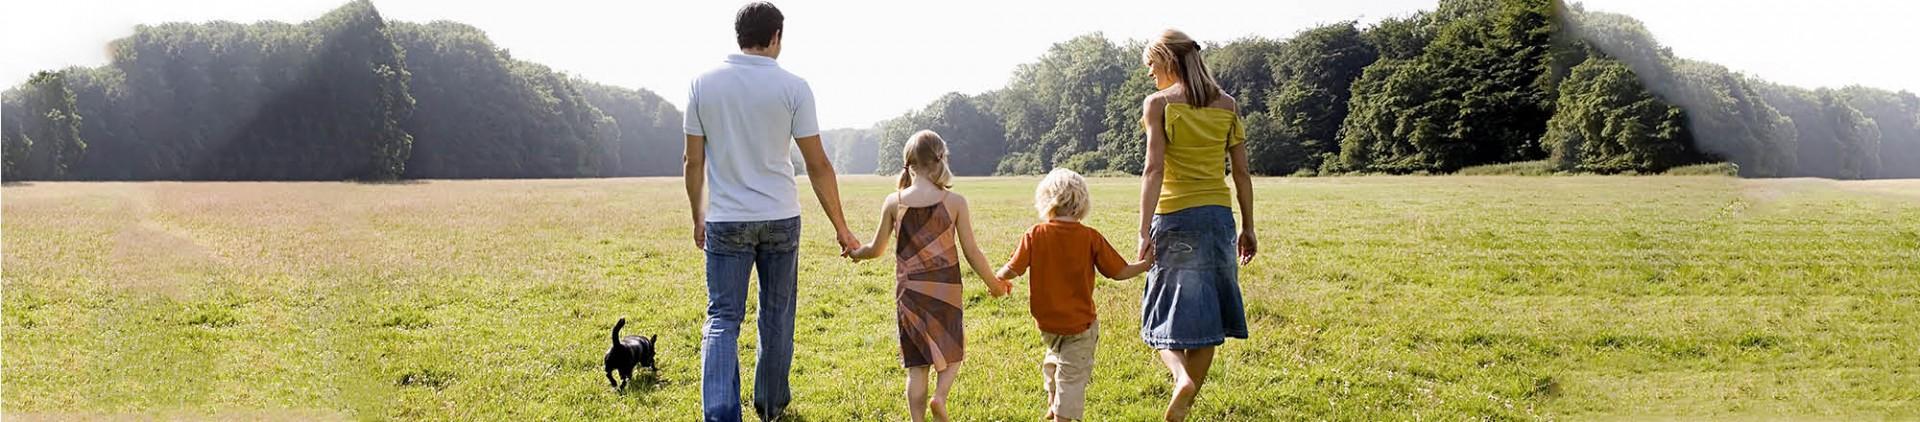 Activités à réaliser en province de Liège avec les enfants durant les vacances